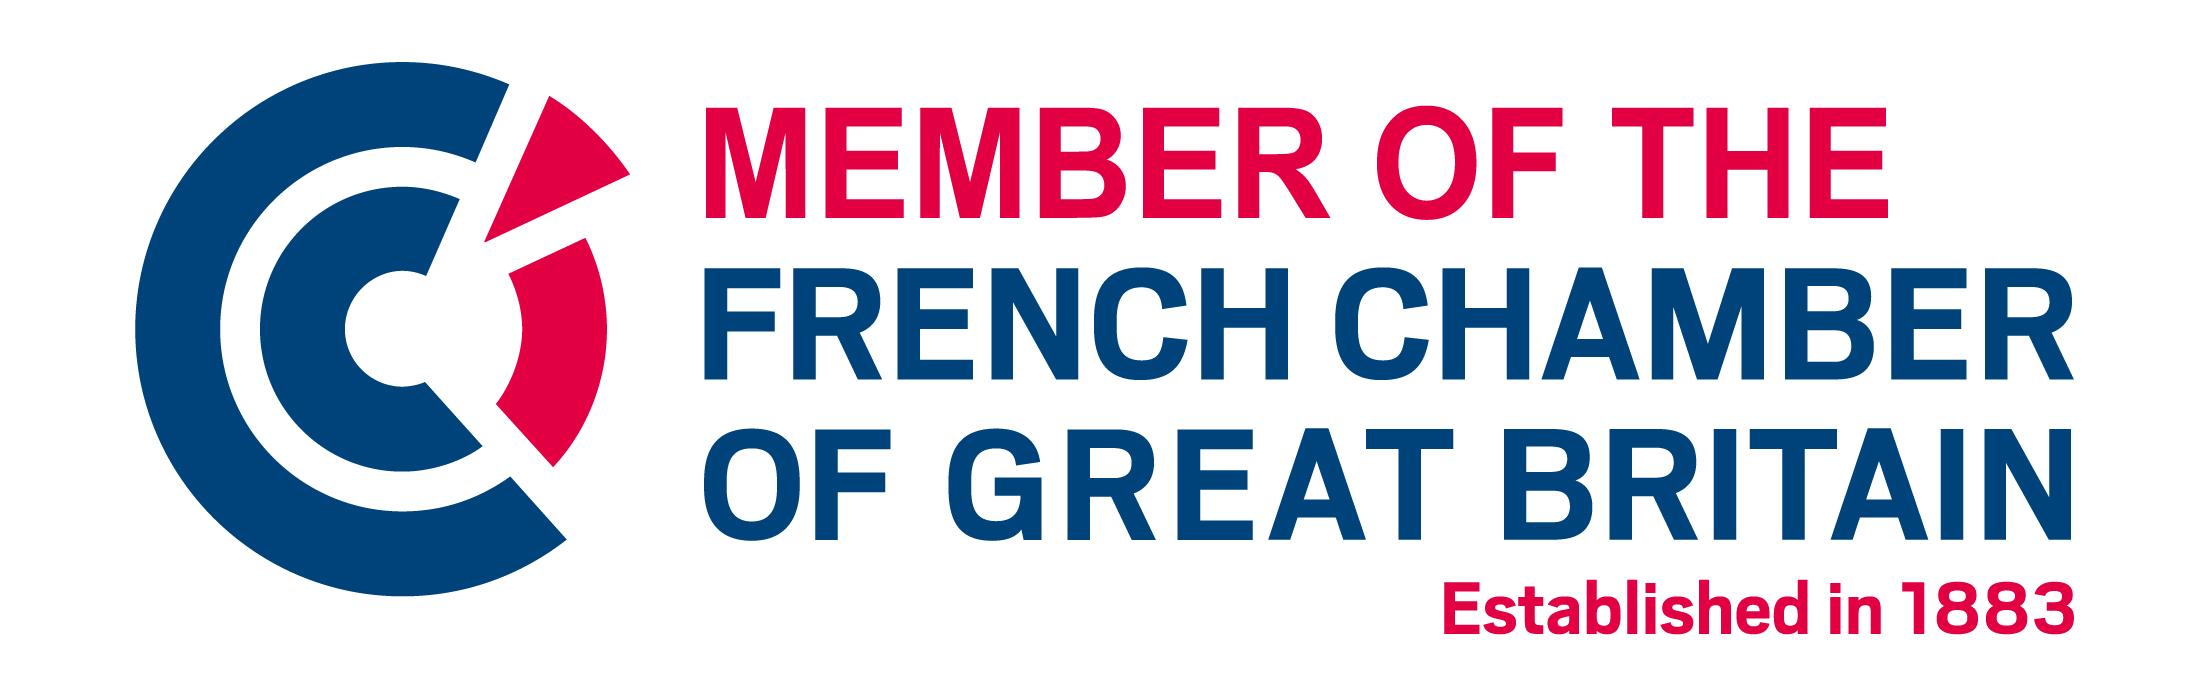 ccfgb logo